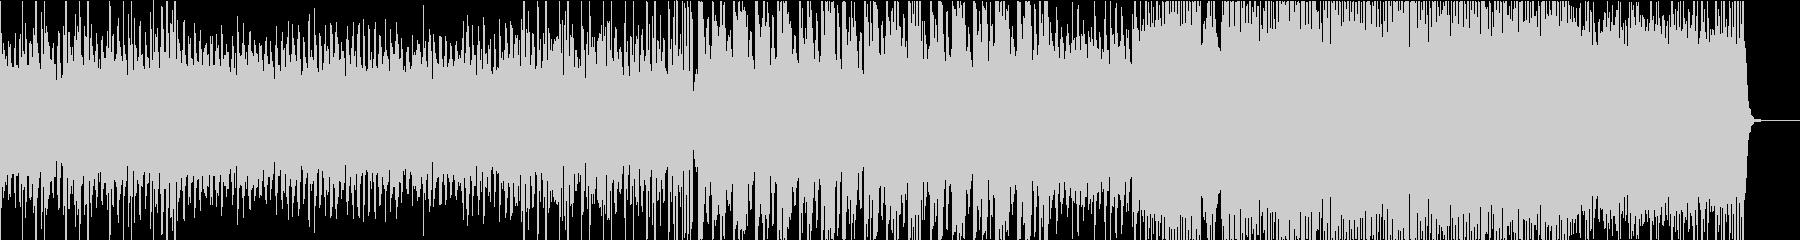 幻想的なアンビエント・切ない透明感VPの未再生の波形